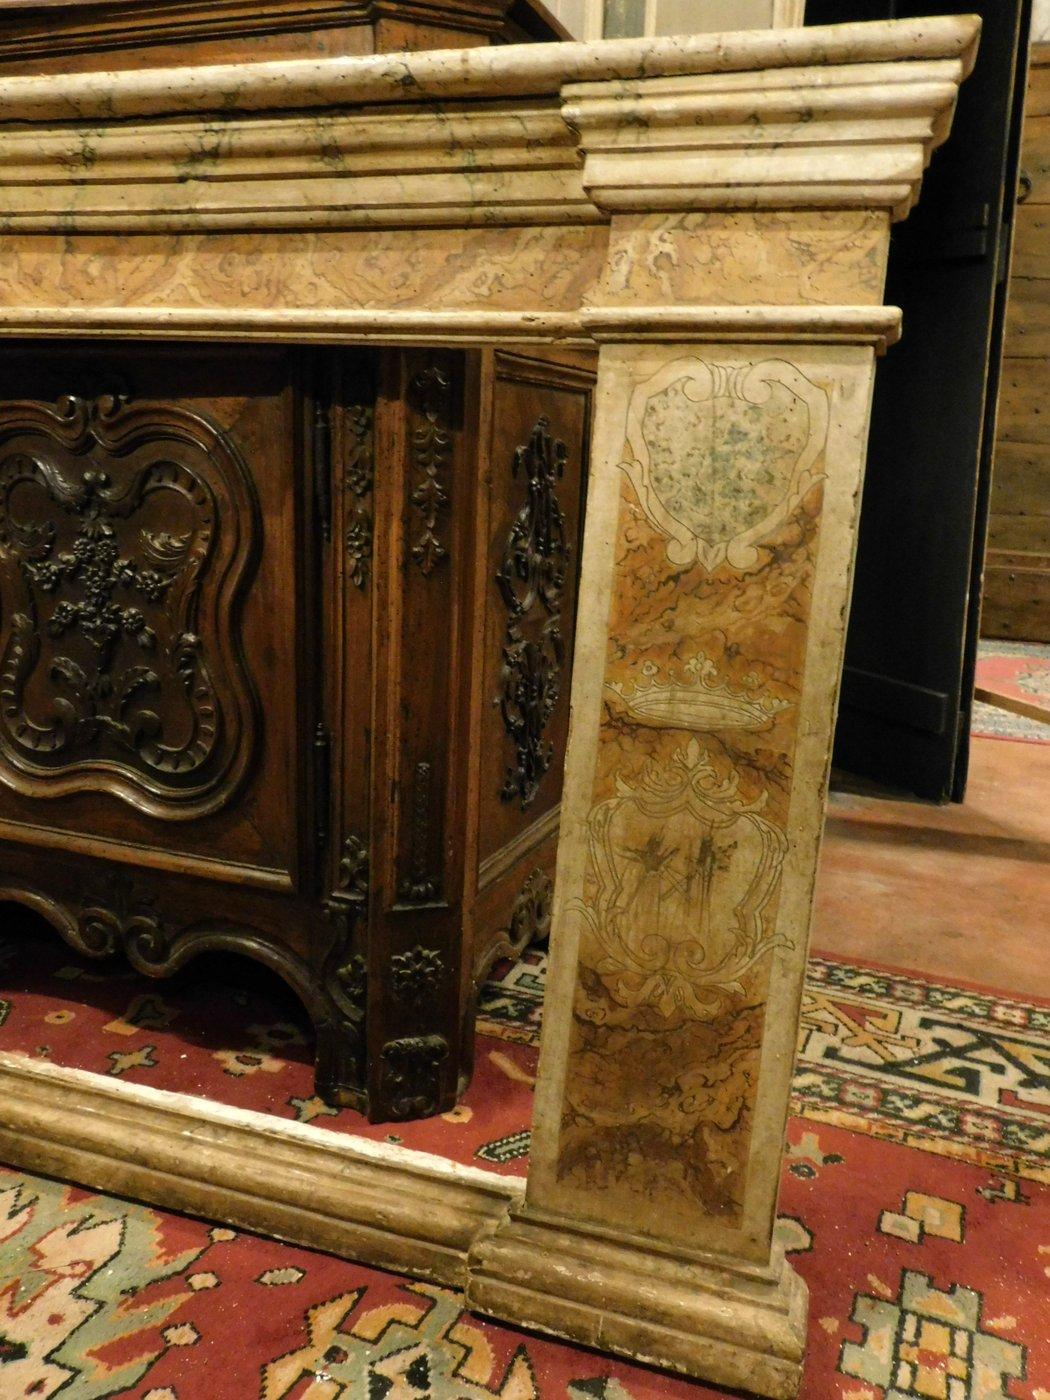 thumb4|A pan209 telaio laccato finto marmo, con capitelli mis. larg. cm 233 x h 105, epoca '700